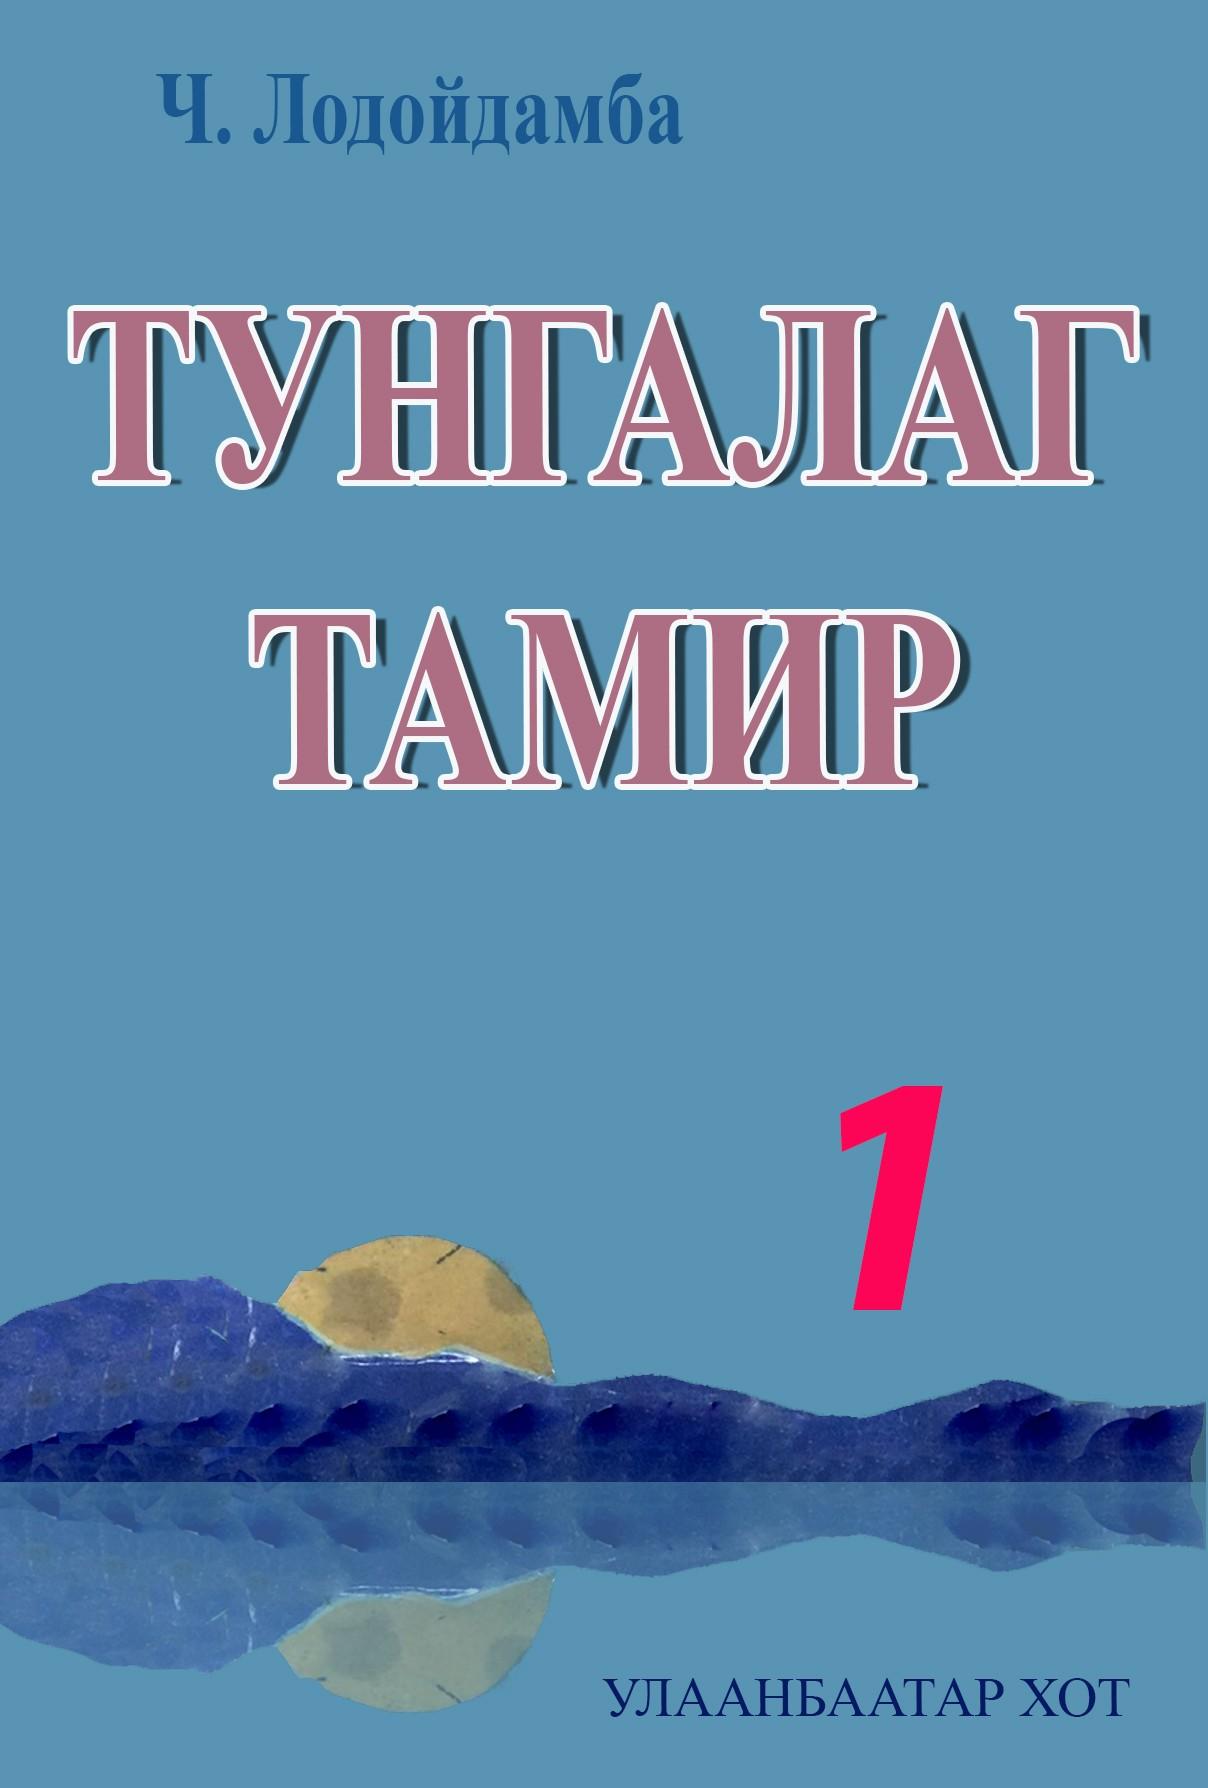 ТУНГАЛАГ ТАМИР 1